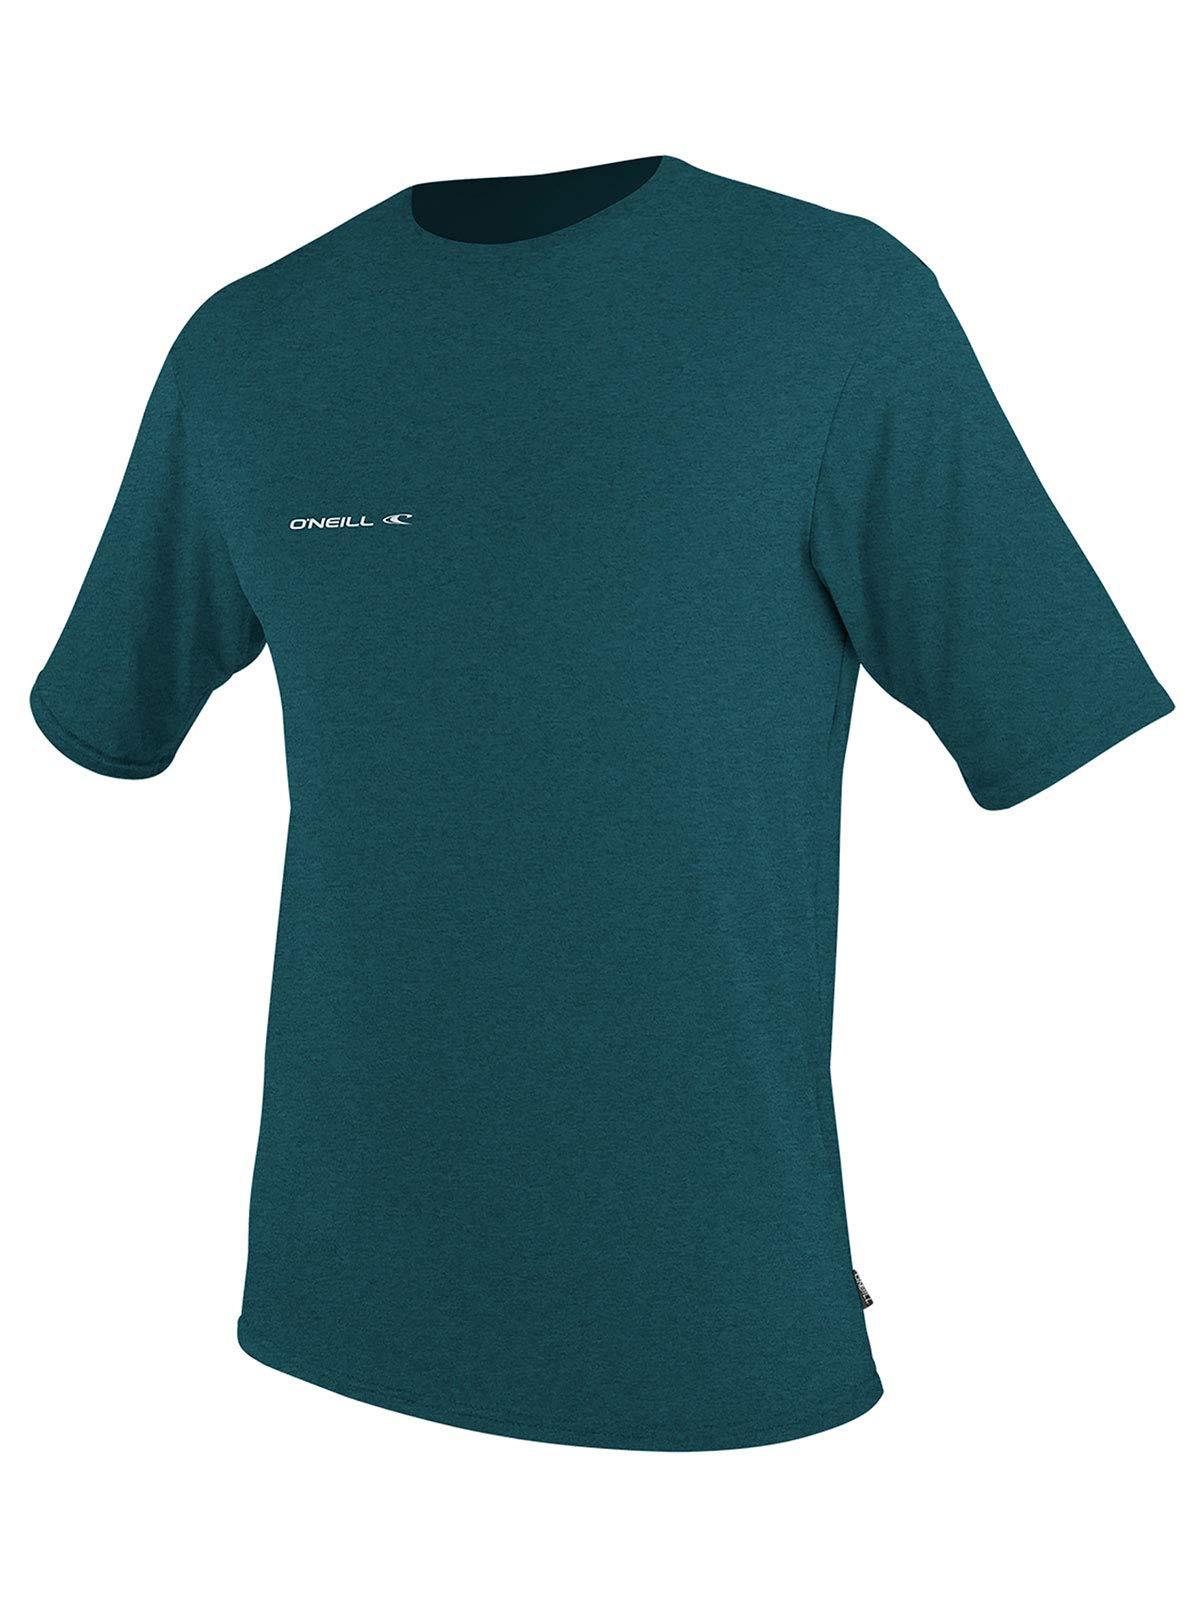 O'Neill Wetsuits Men's Hybrid UPF 50+ Short Sleeve Sun Shirt, Teal, Small